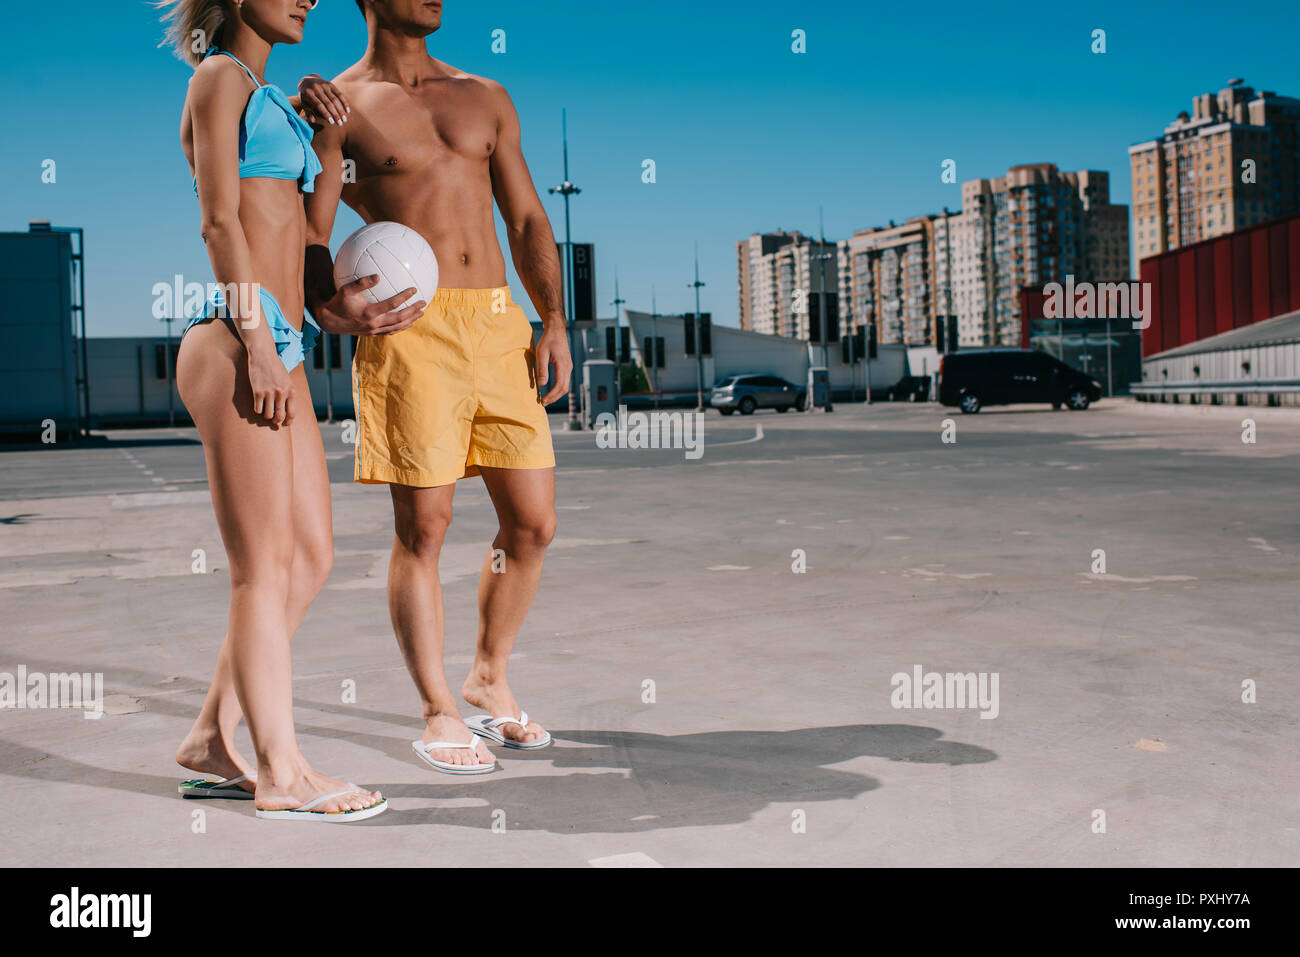 7/8 Schuß des jungen Paares im Strand Kleidung mit Volleyball Ball auf Parkplatz Stockbild